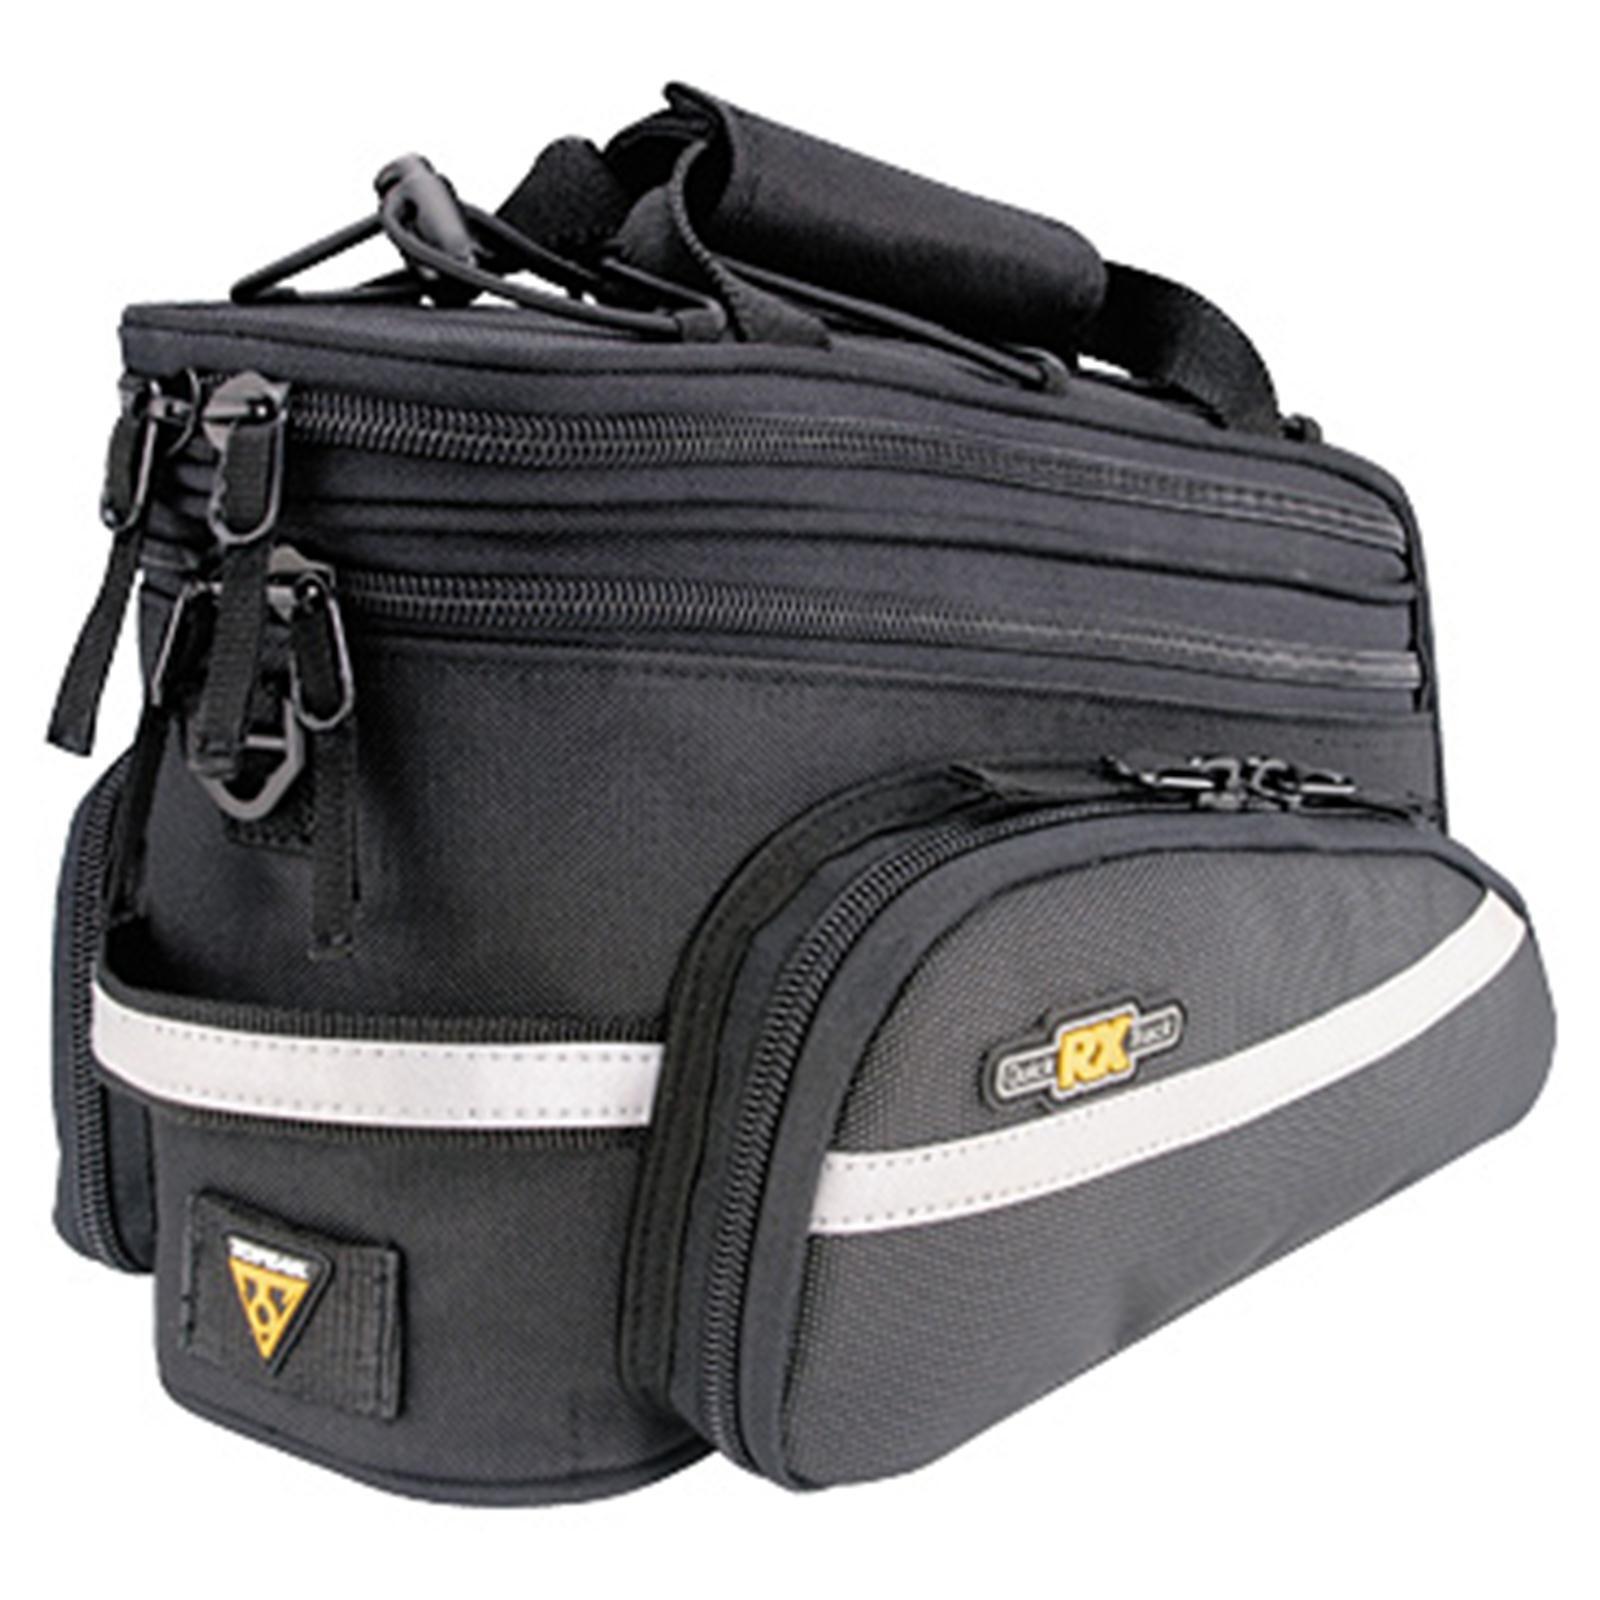 Topeak RX Trunk Tasche Tour DX Gepäckträgertasche Fahrrad Packtasche Gepäck Tasche